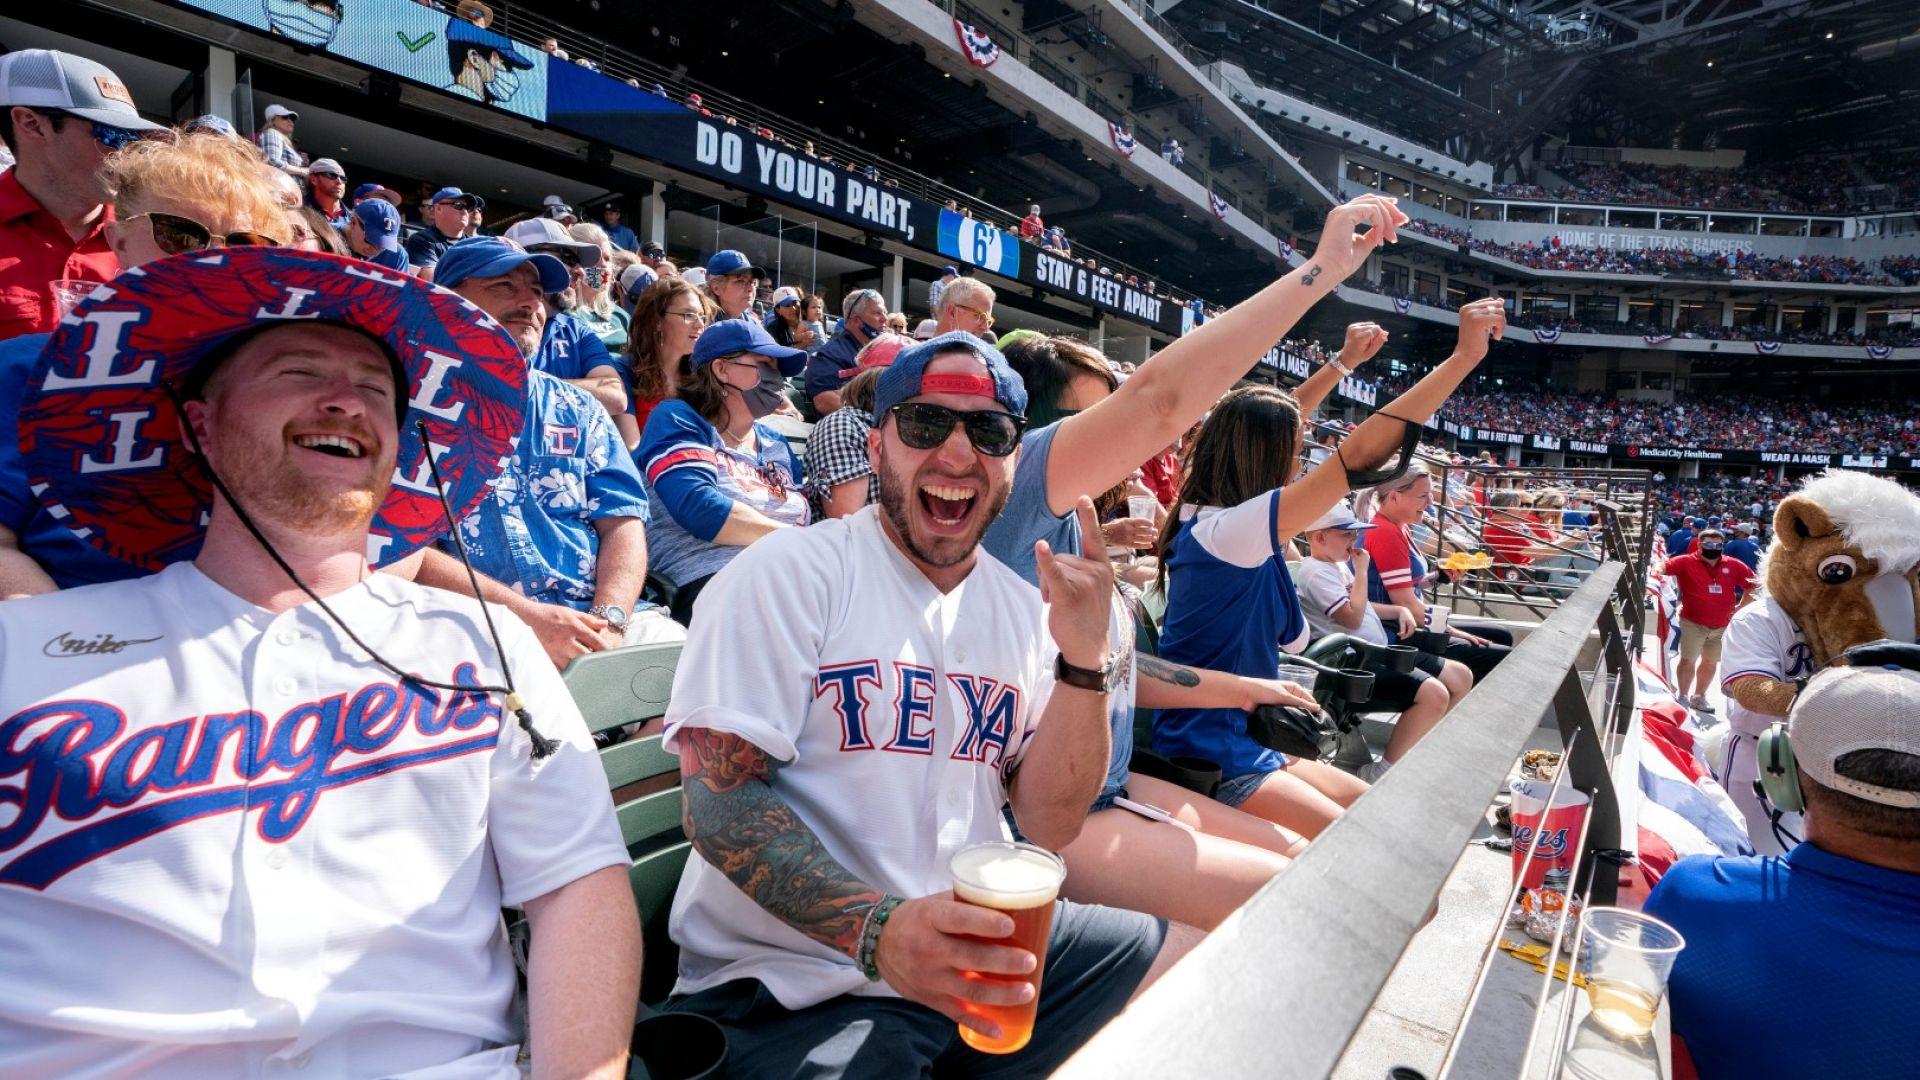 Завръщане към нормалност - бейзболен мач събра най-голямата публика в САЩ от 14 месеца